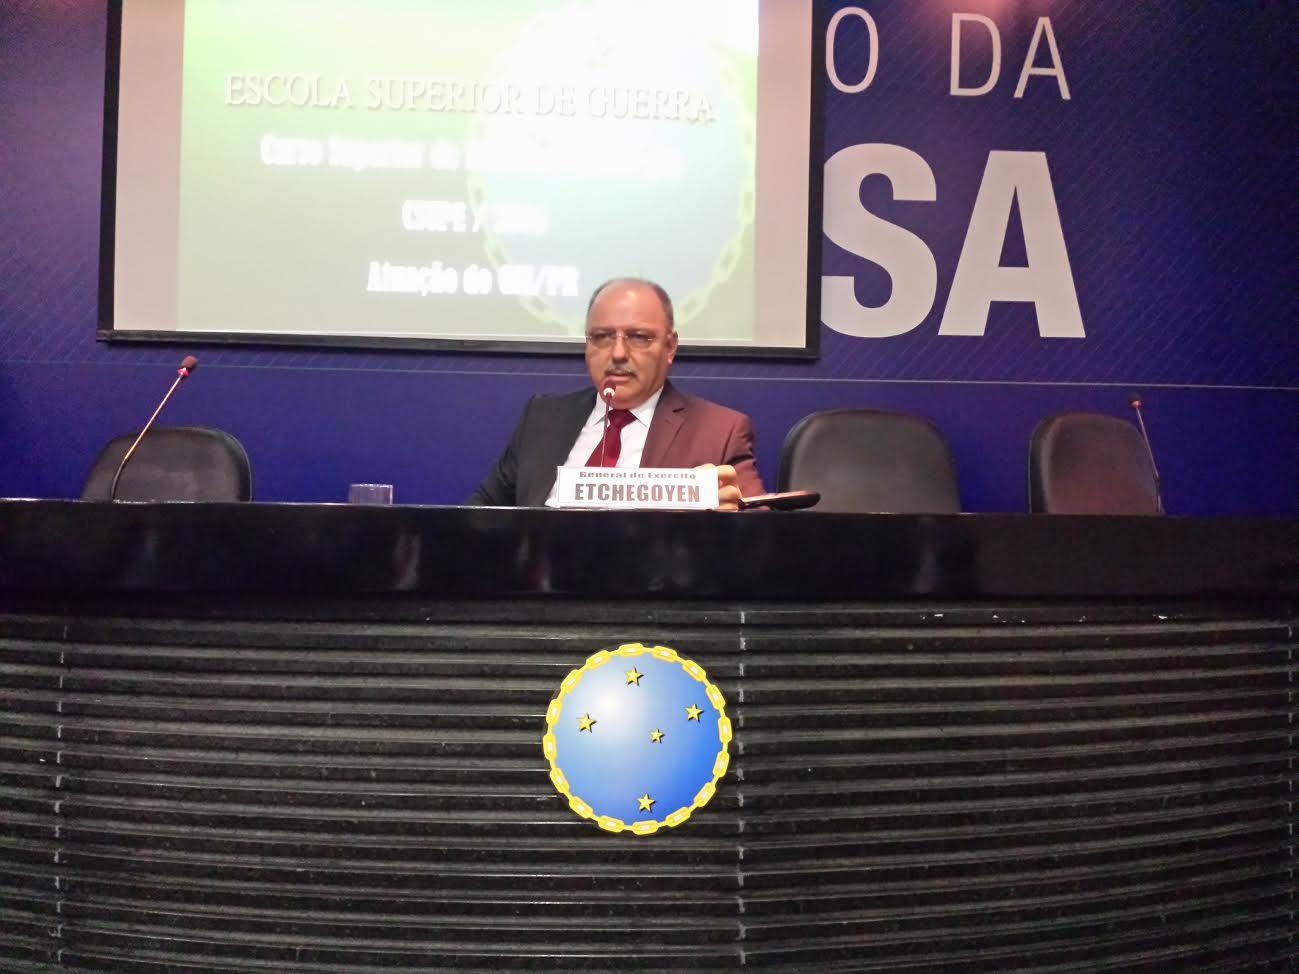 General Sergio Etchegoyen ministra palestra do Curso Superior de Política e Estratégia na ESG Brasília